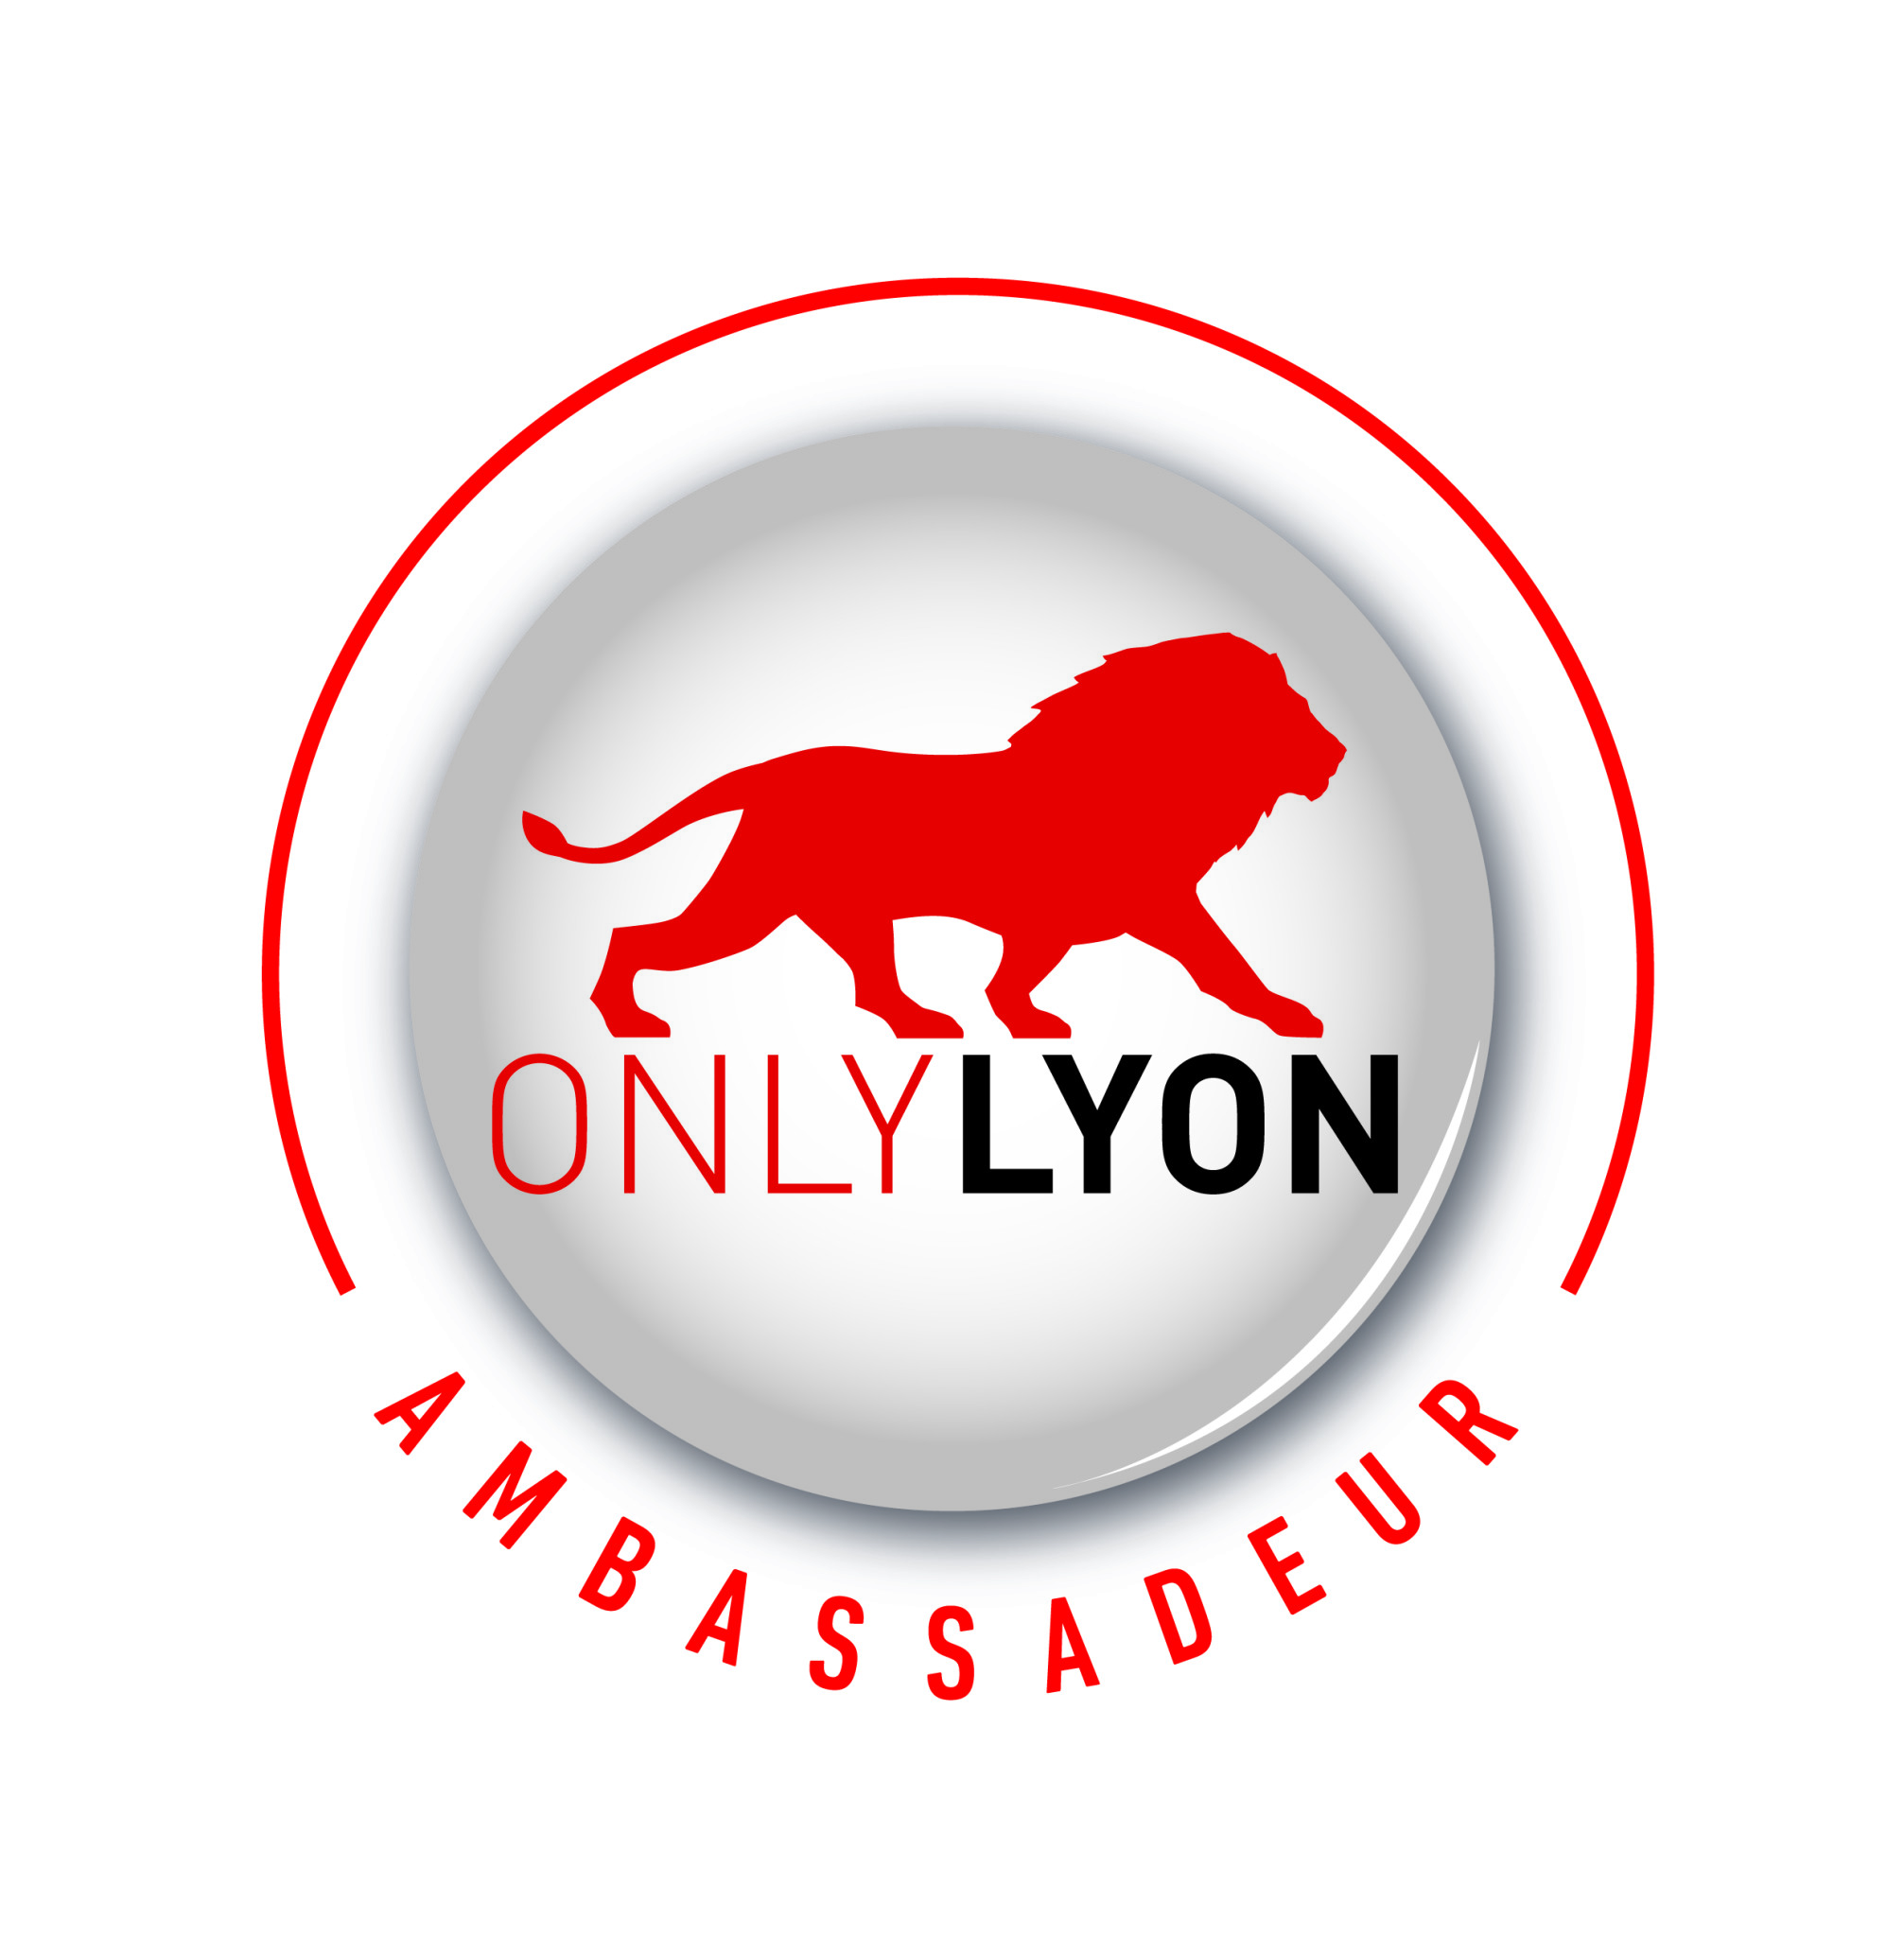 I am ONLYLYON Ambassadeur